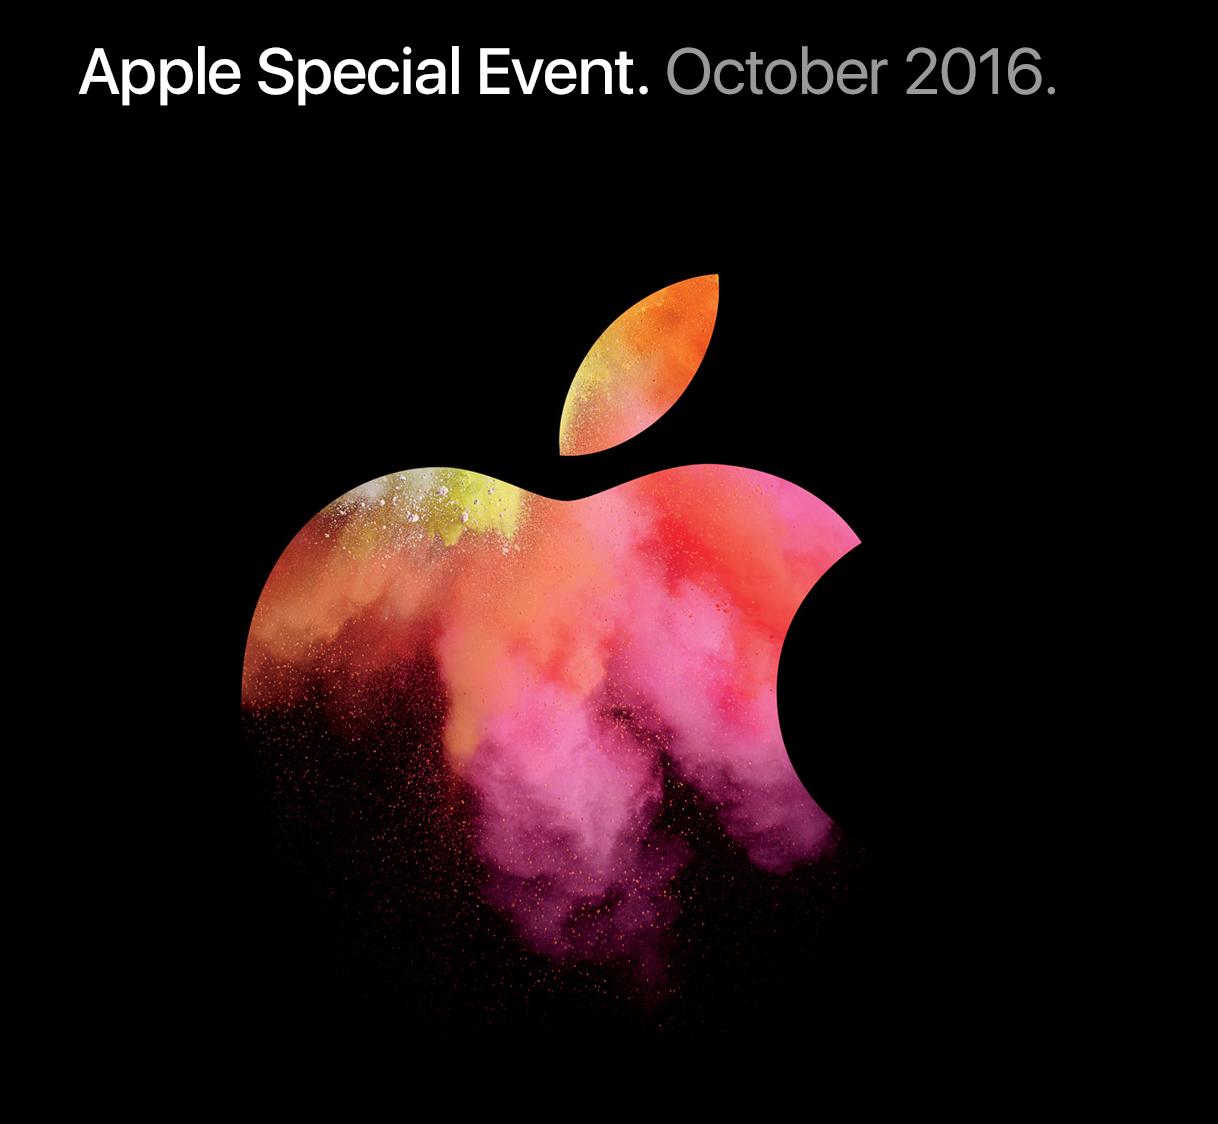 Apple Special Event, октябрь 2016 [архив текстовой трансляции] - 1